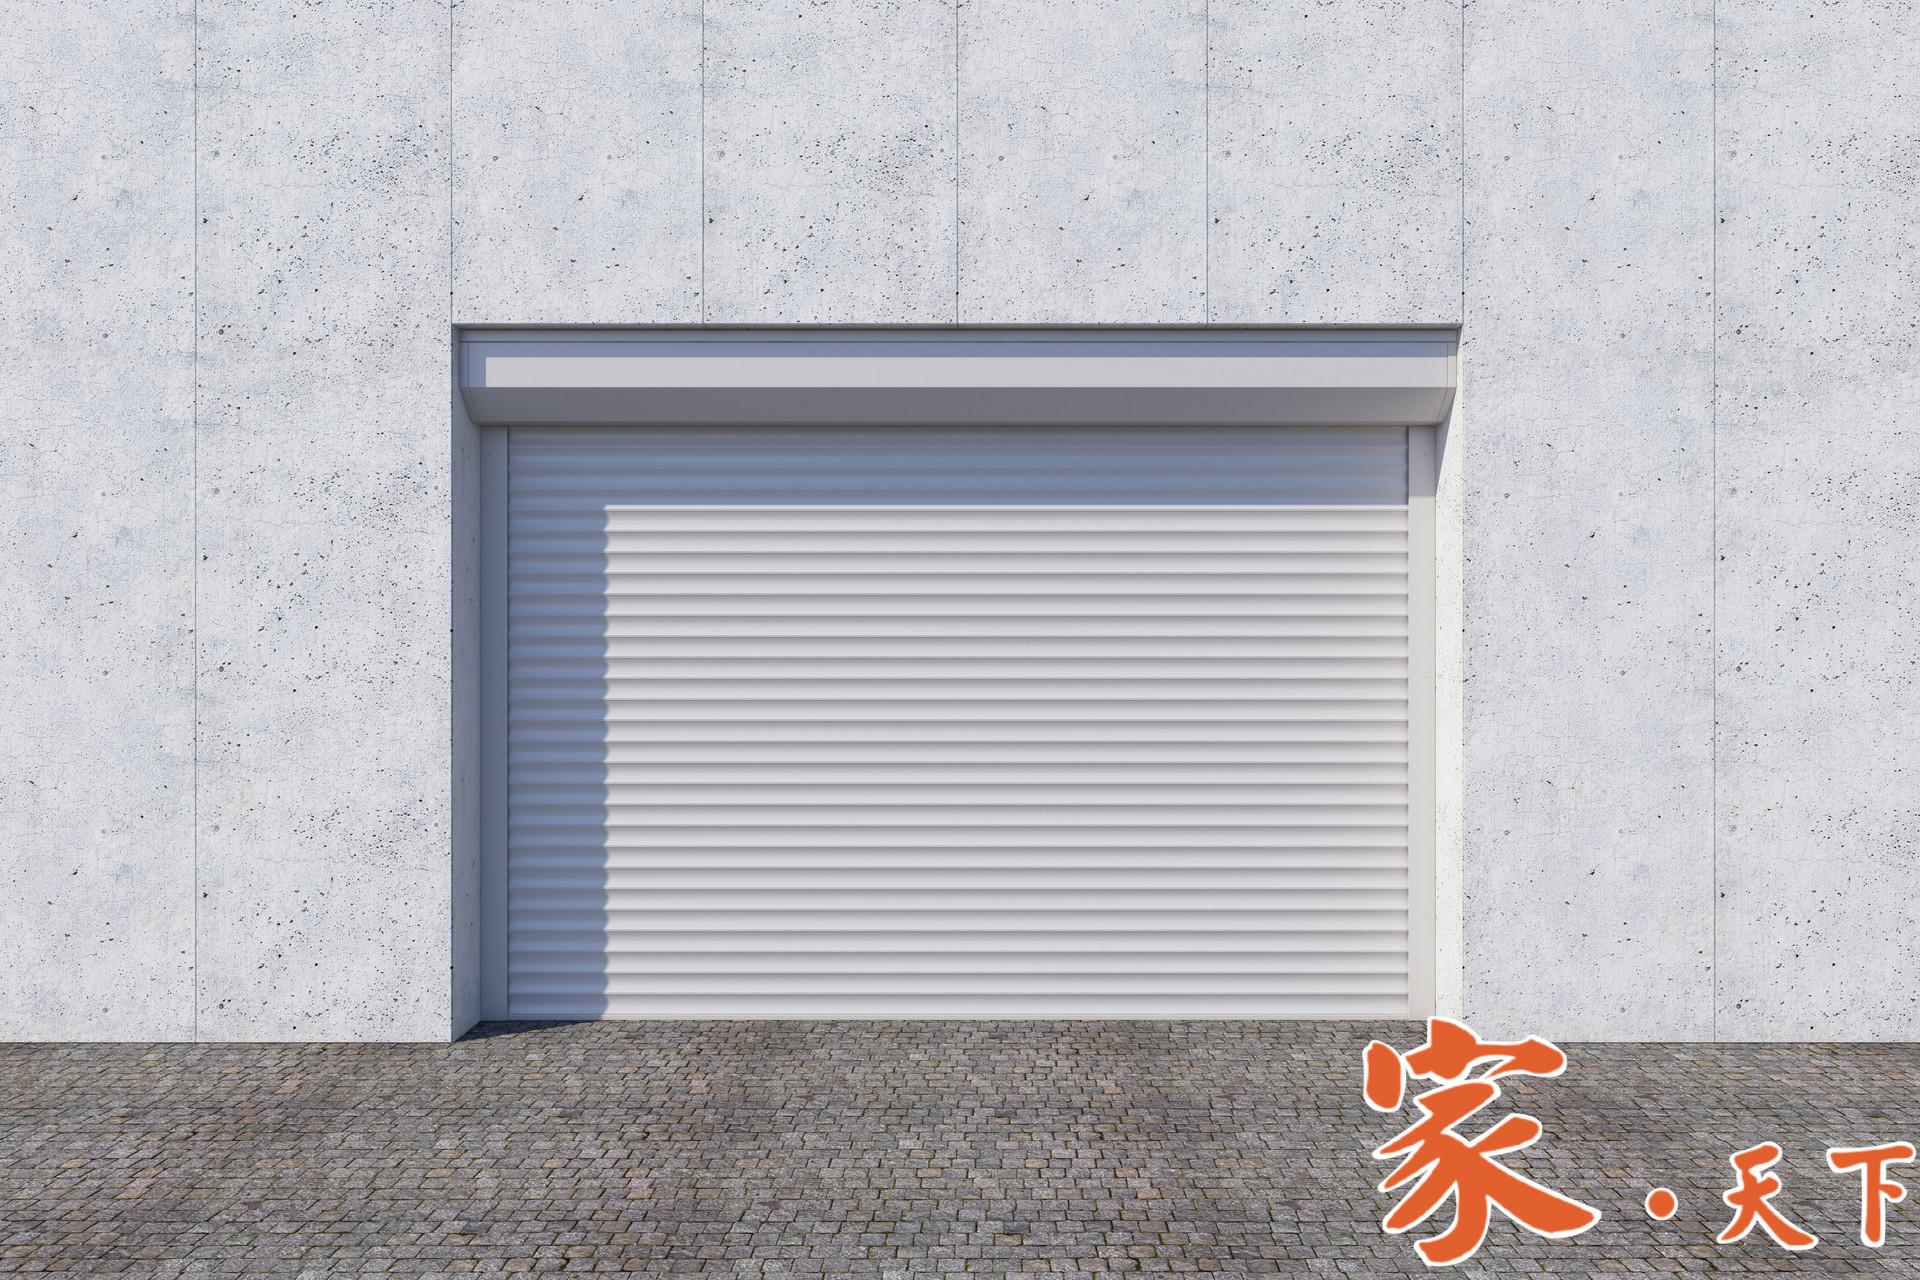 纽约闽发铁艺,位于纽约布鲁克林,服务范围包括:铁铝门窗、阳台楼梯、雨篷栏杆、工字钢梁、各式卷闸、紧急修理。